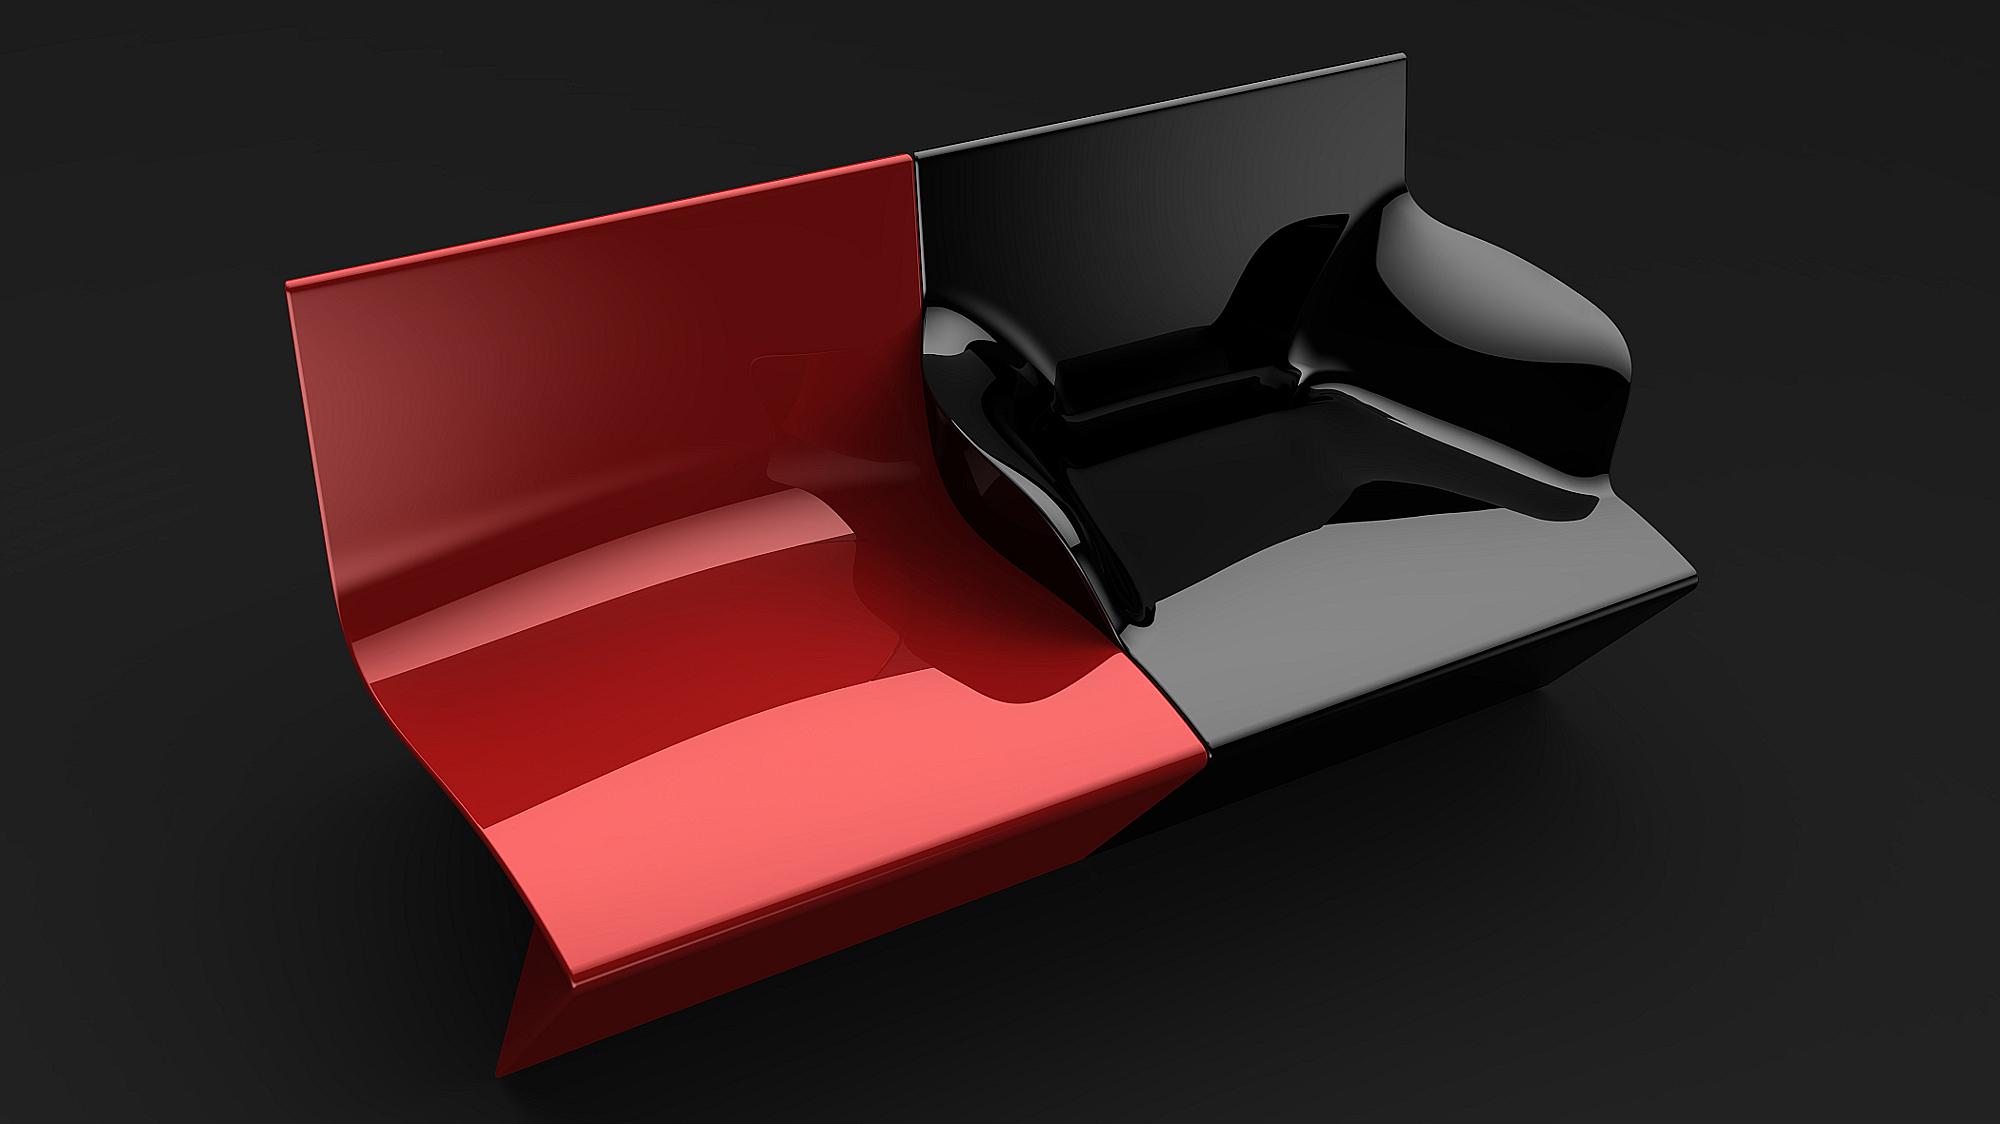 Speciale salone del mobile 10 oggetti per la casa del - Oggetti simpatici per la casa ...